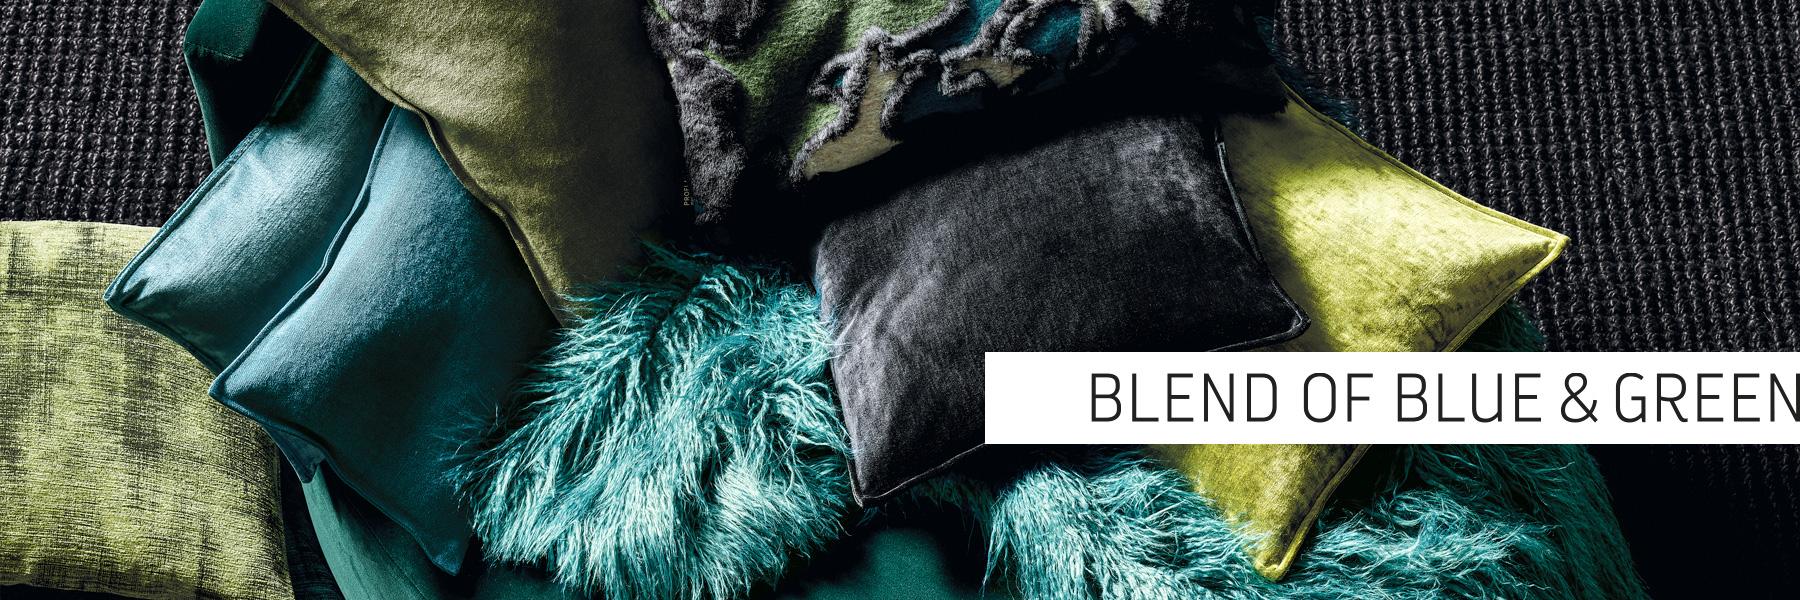 Blend Of Blue & Green